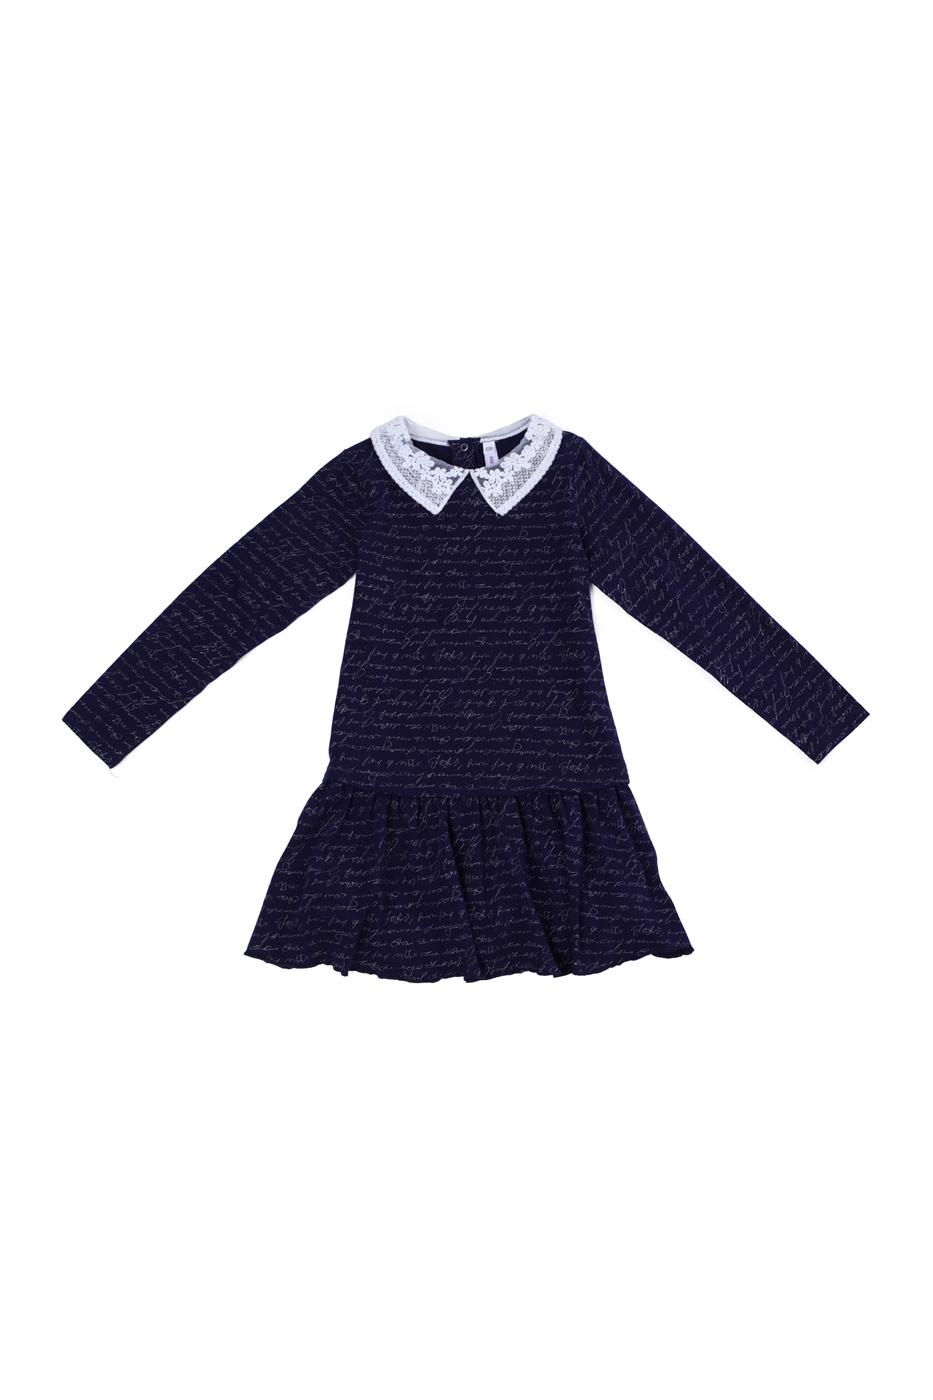 Платье детское PlayToday, цв. синий, р-р 116 Play Today 382077